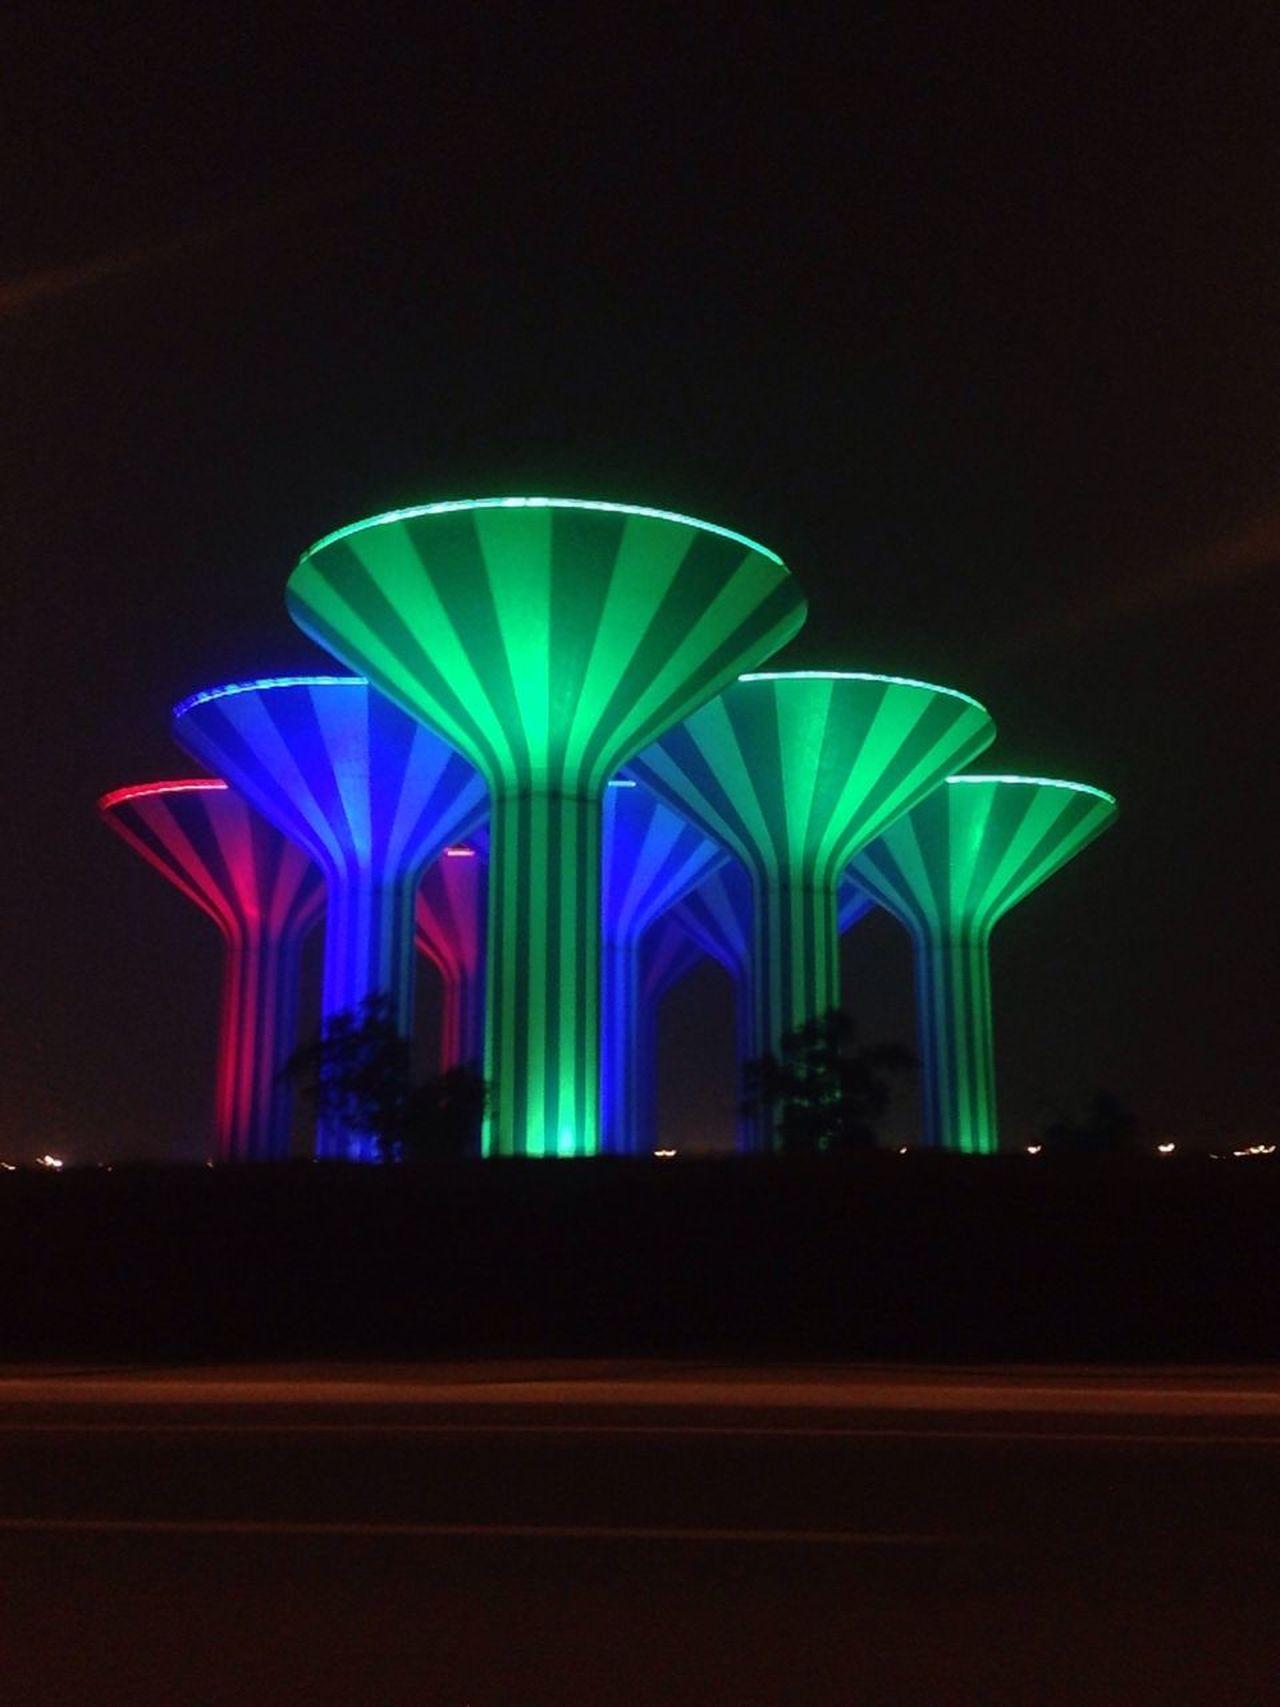 Kuwait Towers Kuwait Kuwait❤ Night Outdoors Architecture الكويت Kuwait City Nightphotography Night Lights Kuwait At Night The Architect - 2017 EyeEm Awards